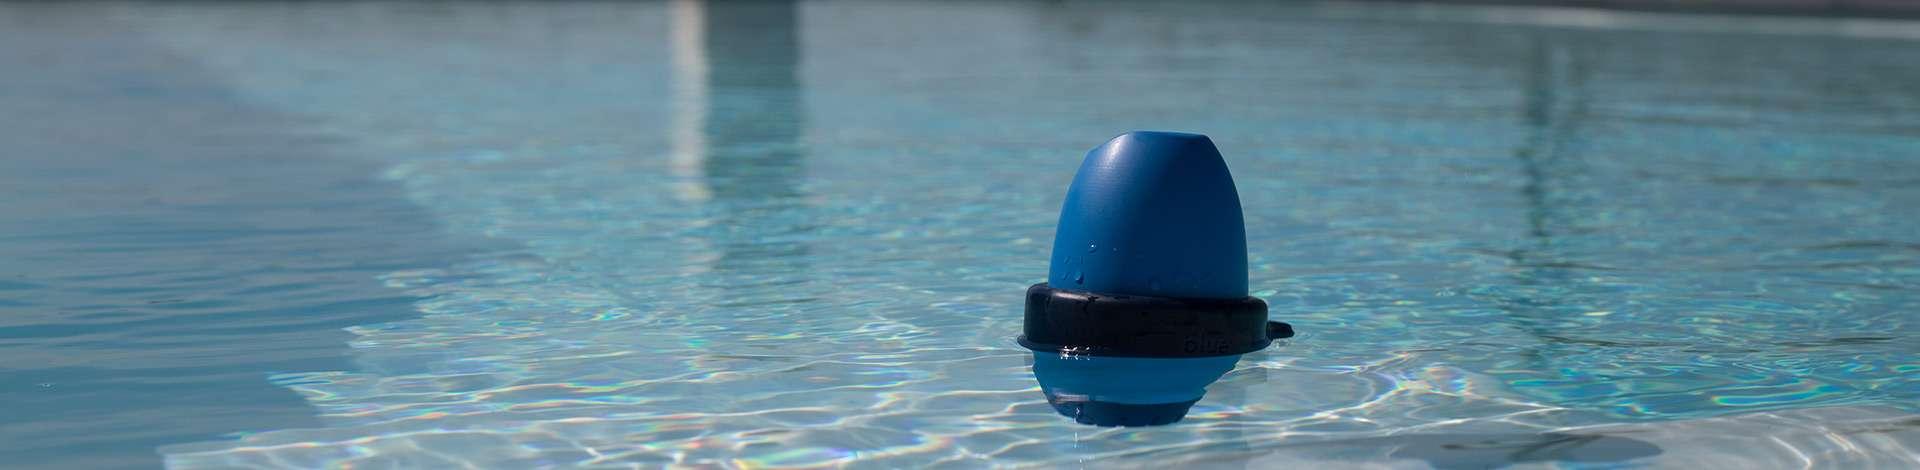 Analizzatore digitale dell'acqua della piscina